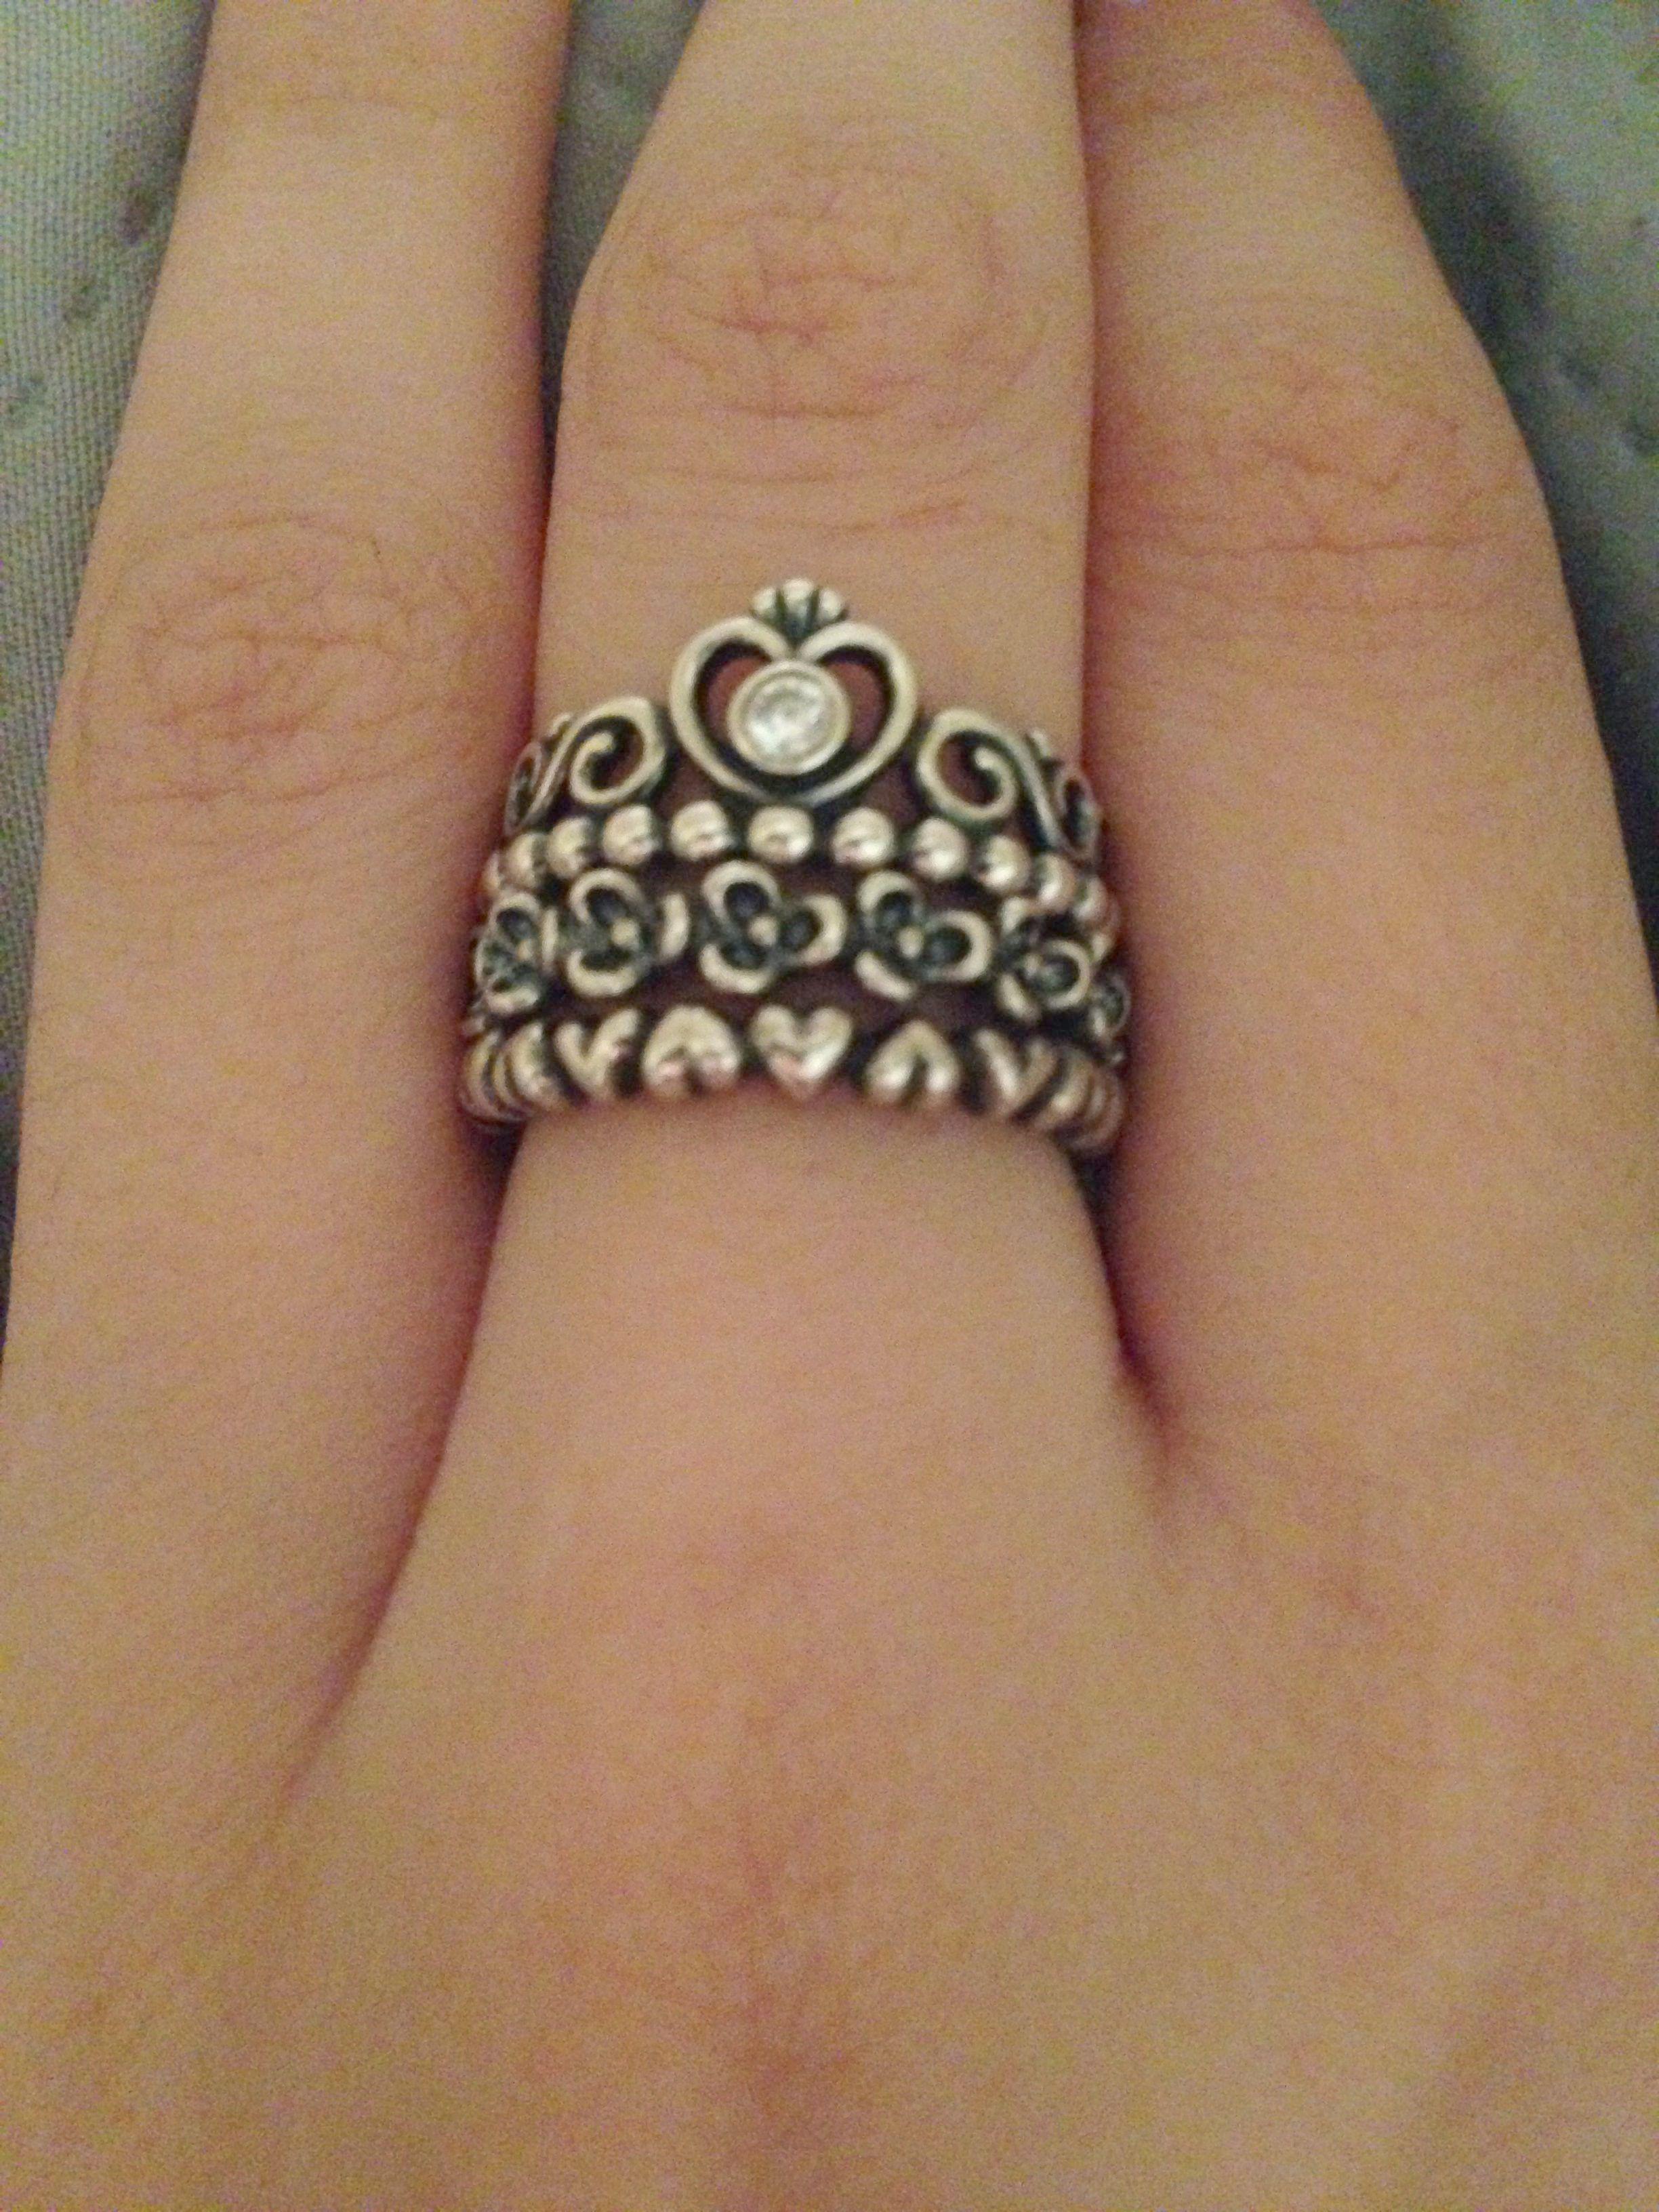 c98fbfe04 Pandora Rings Kohl's Rose Gold Rings At Pandora | Pandora Rings